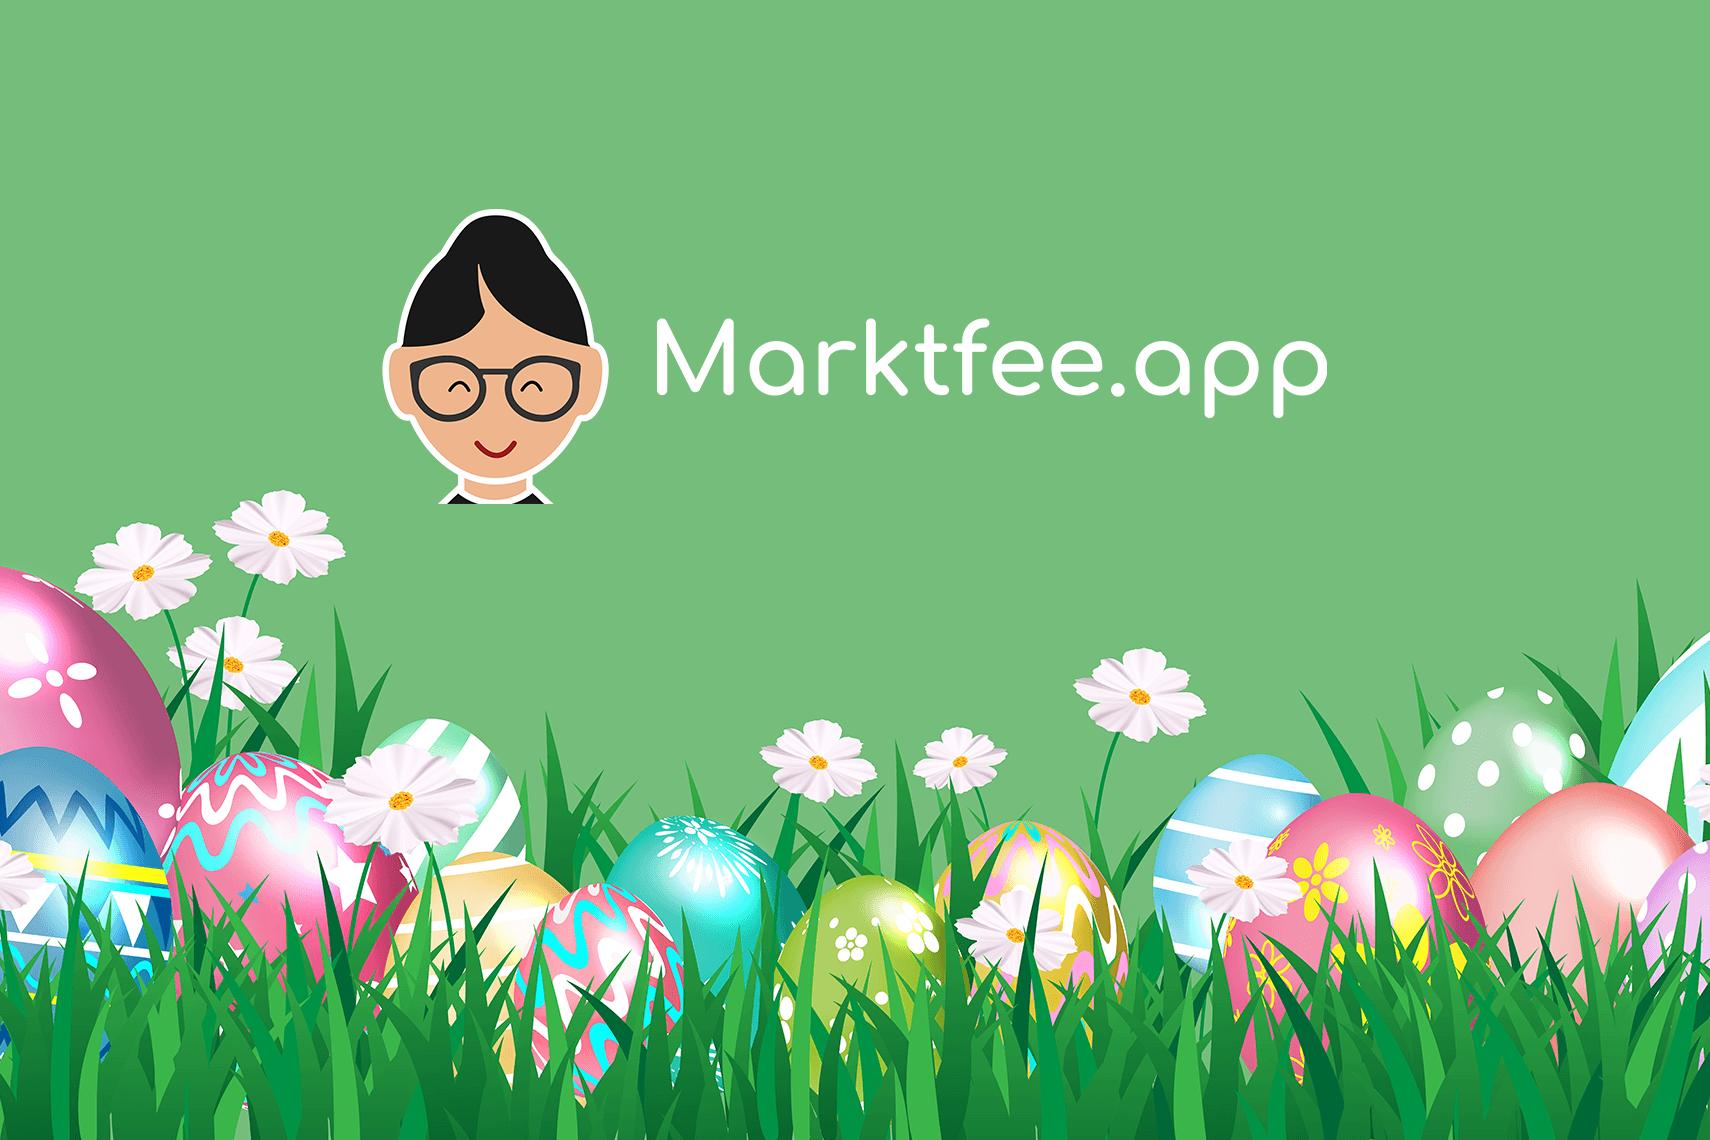 Ostern bei Marktfee.app: sicher und bequem Lebensmittel aus der Region online bestellen